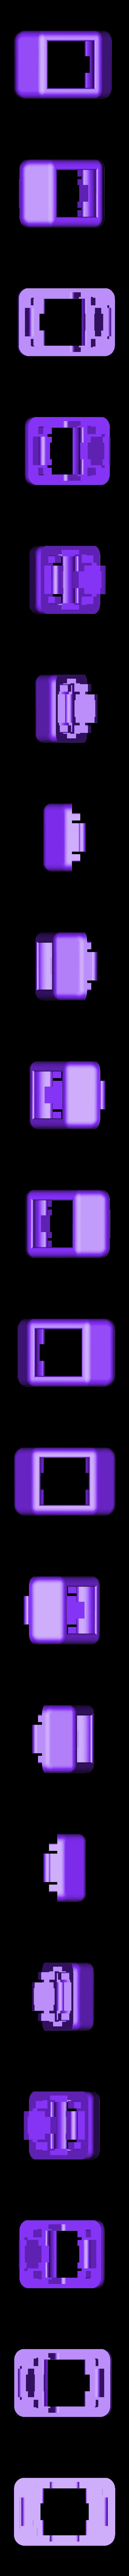 Btn_cap.stl Télécharger fichier STL gratuit Tournevis électrique sans fil. v2 • Objet à imprimer en 3D, SiberK